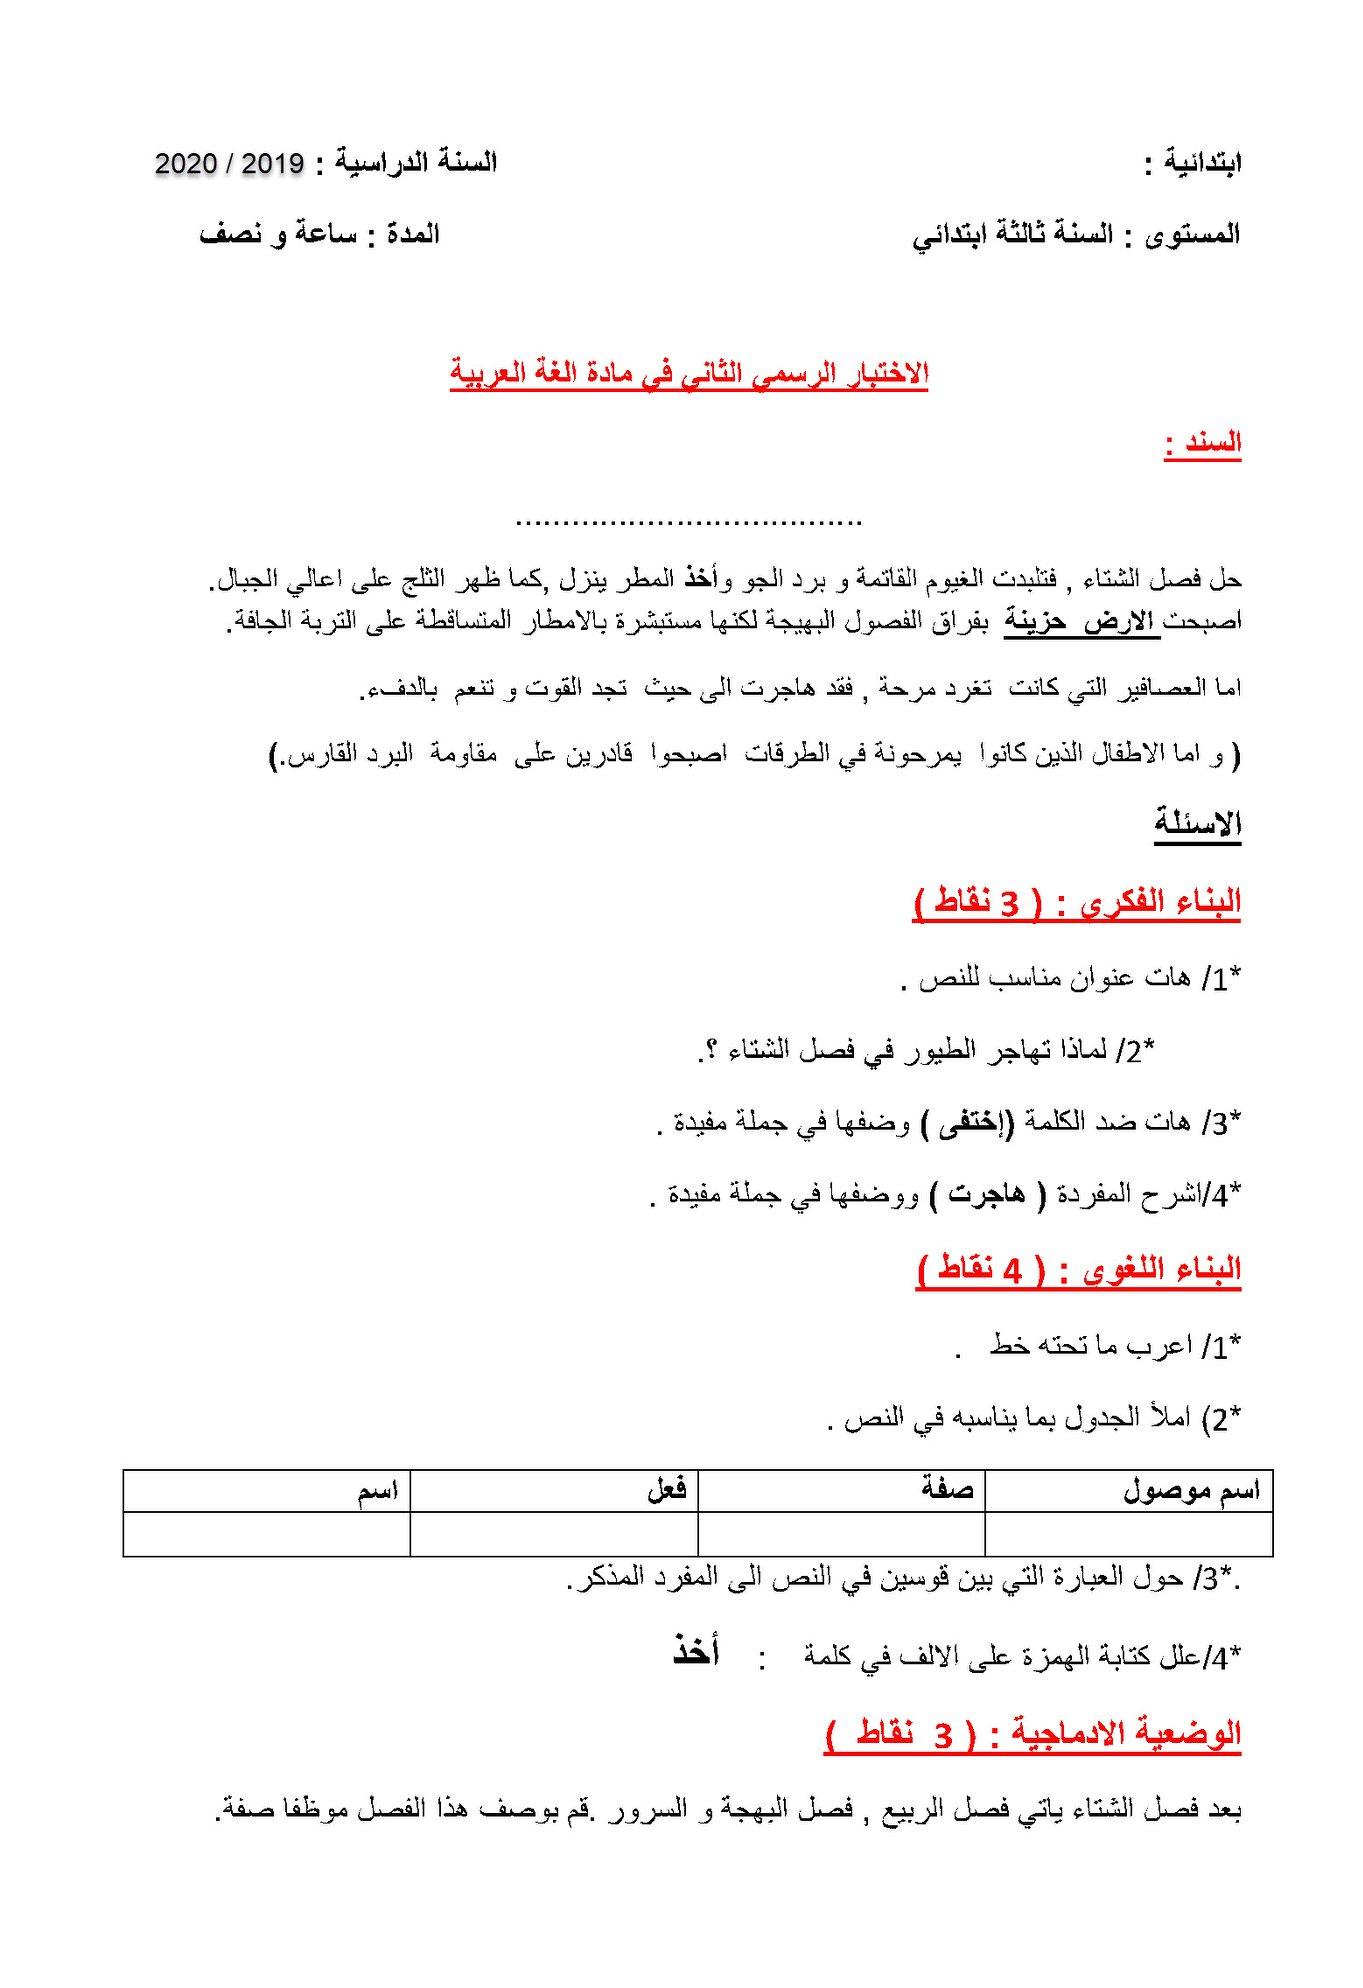 اختبار الفصل الثاني في اللغة العربية   السنة الثالثة ابتدائي   الموضوع 17